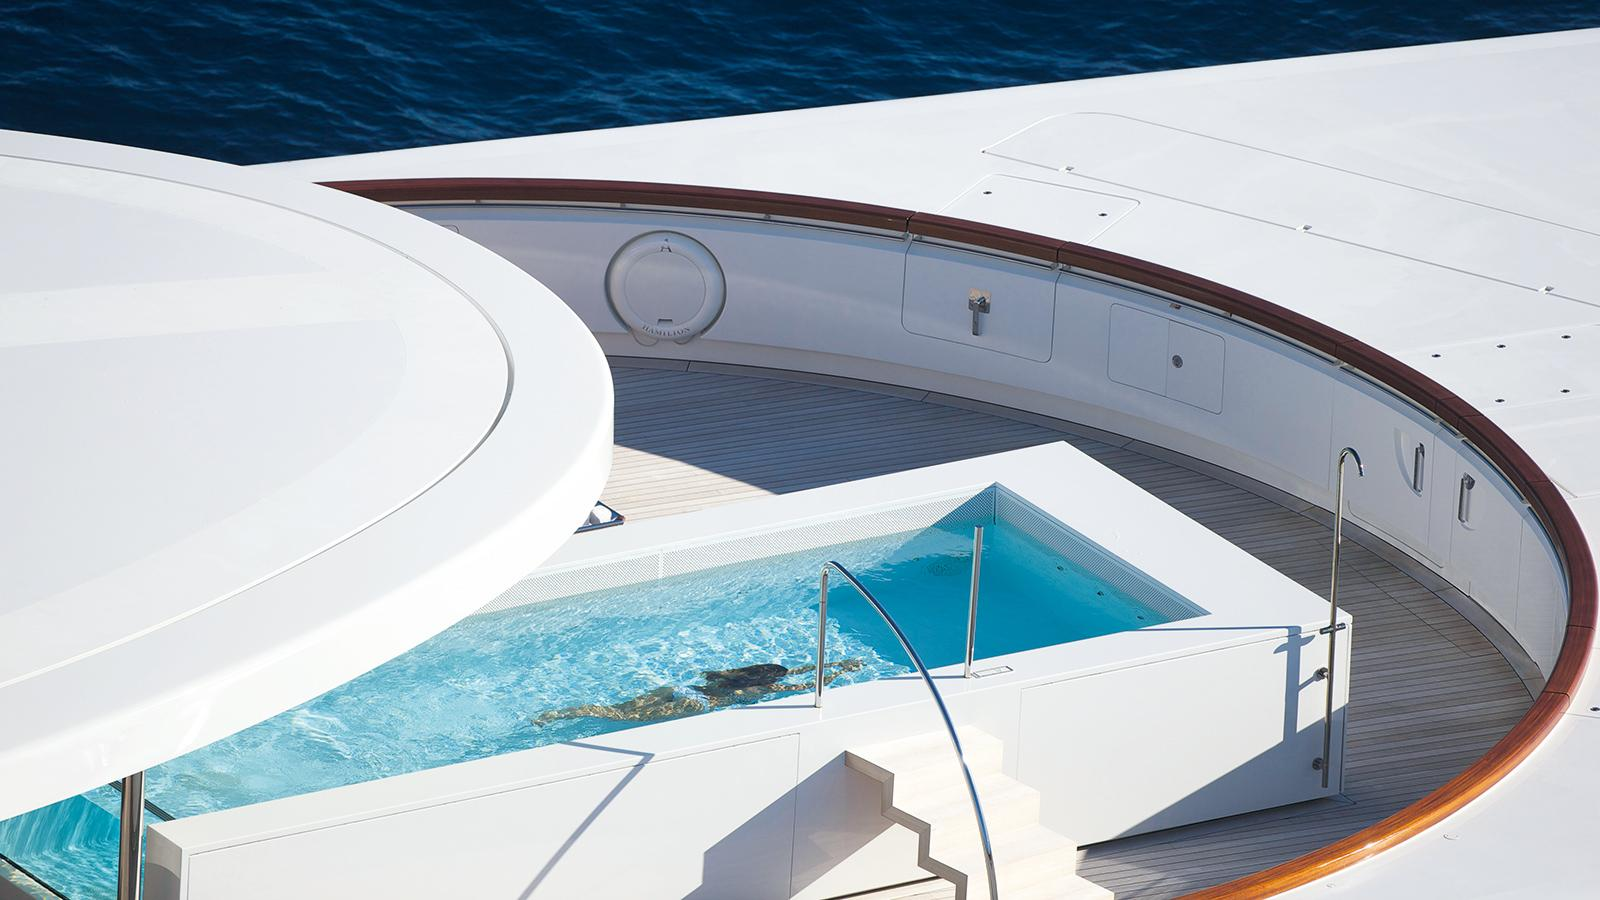 superyacht-a-motor-yacht-blohm-voss-2008-119m-pool